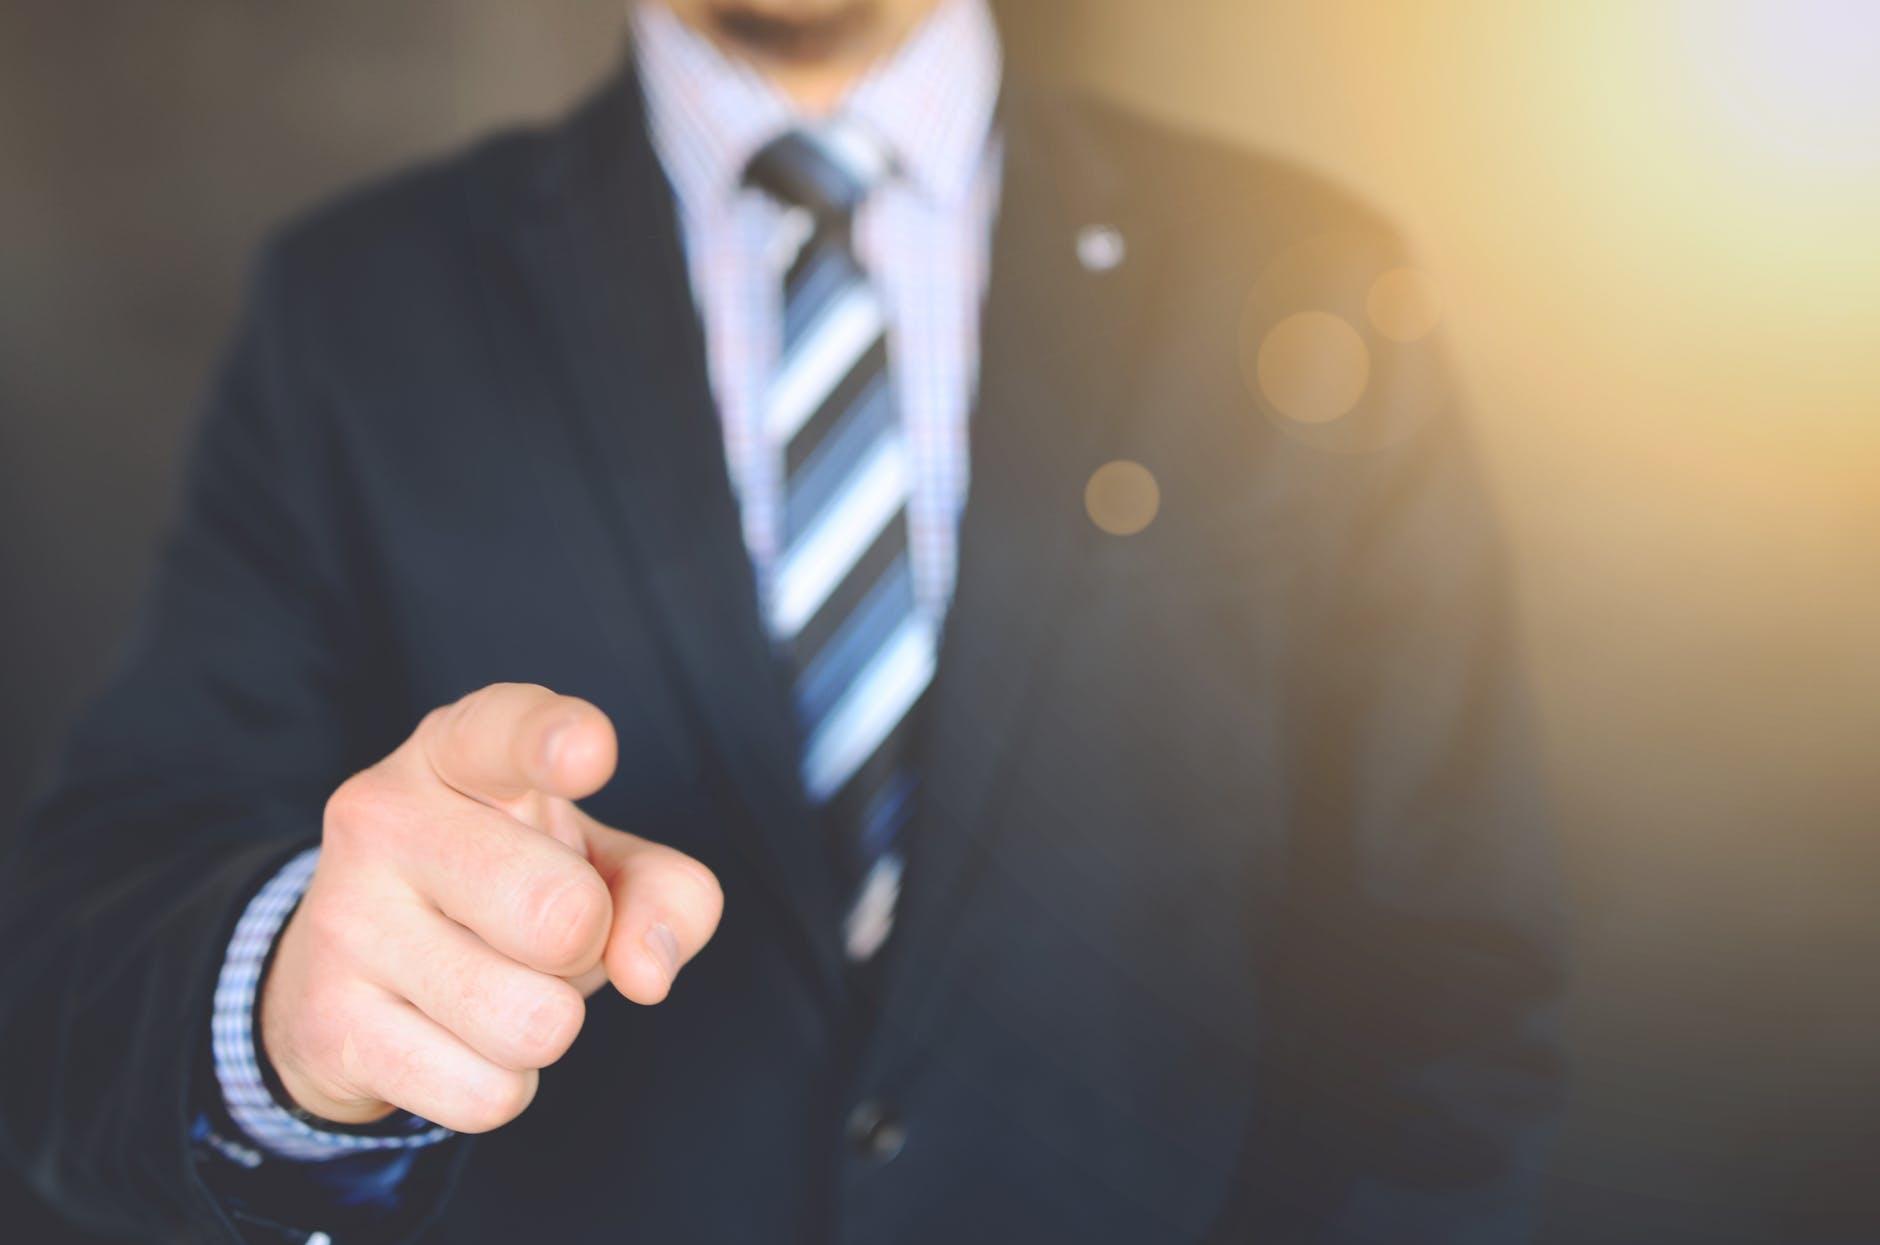 Work Place Politics tips dealing office politics